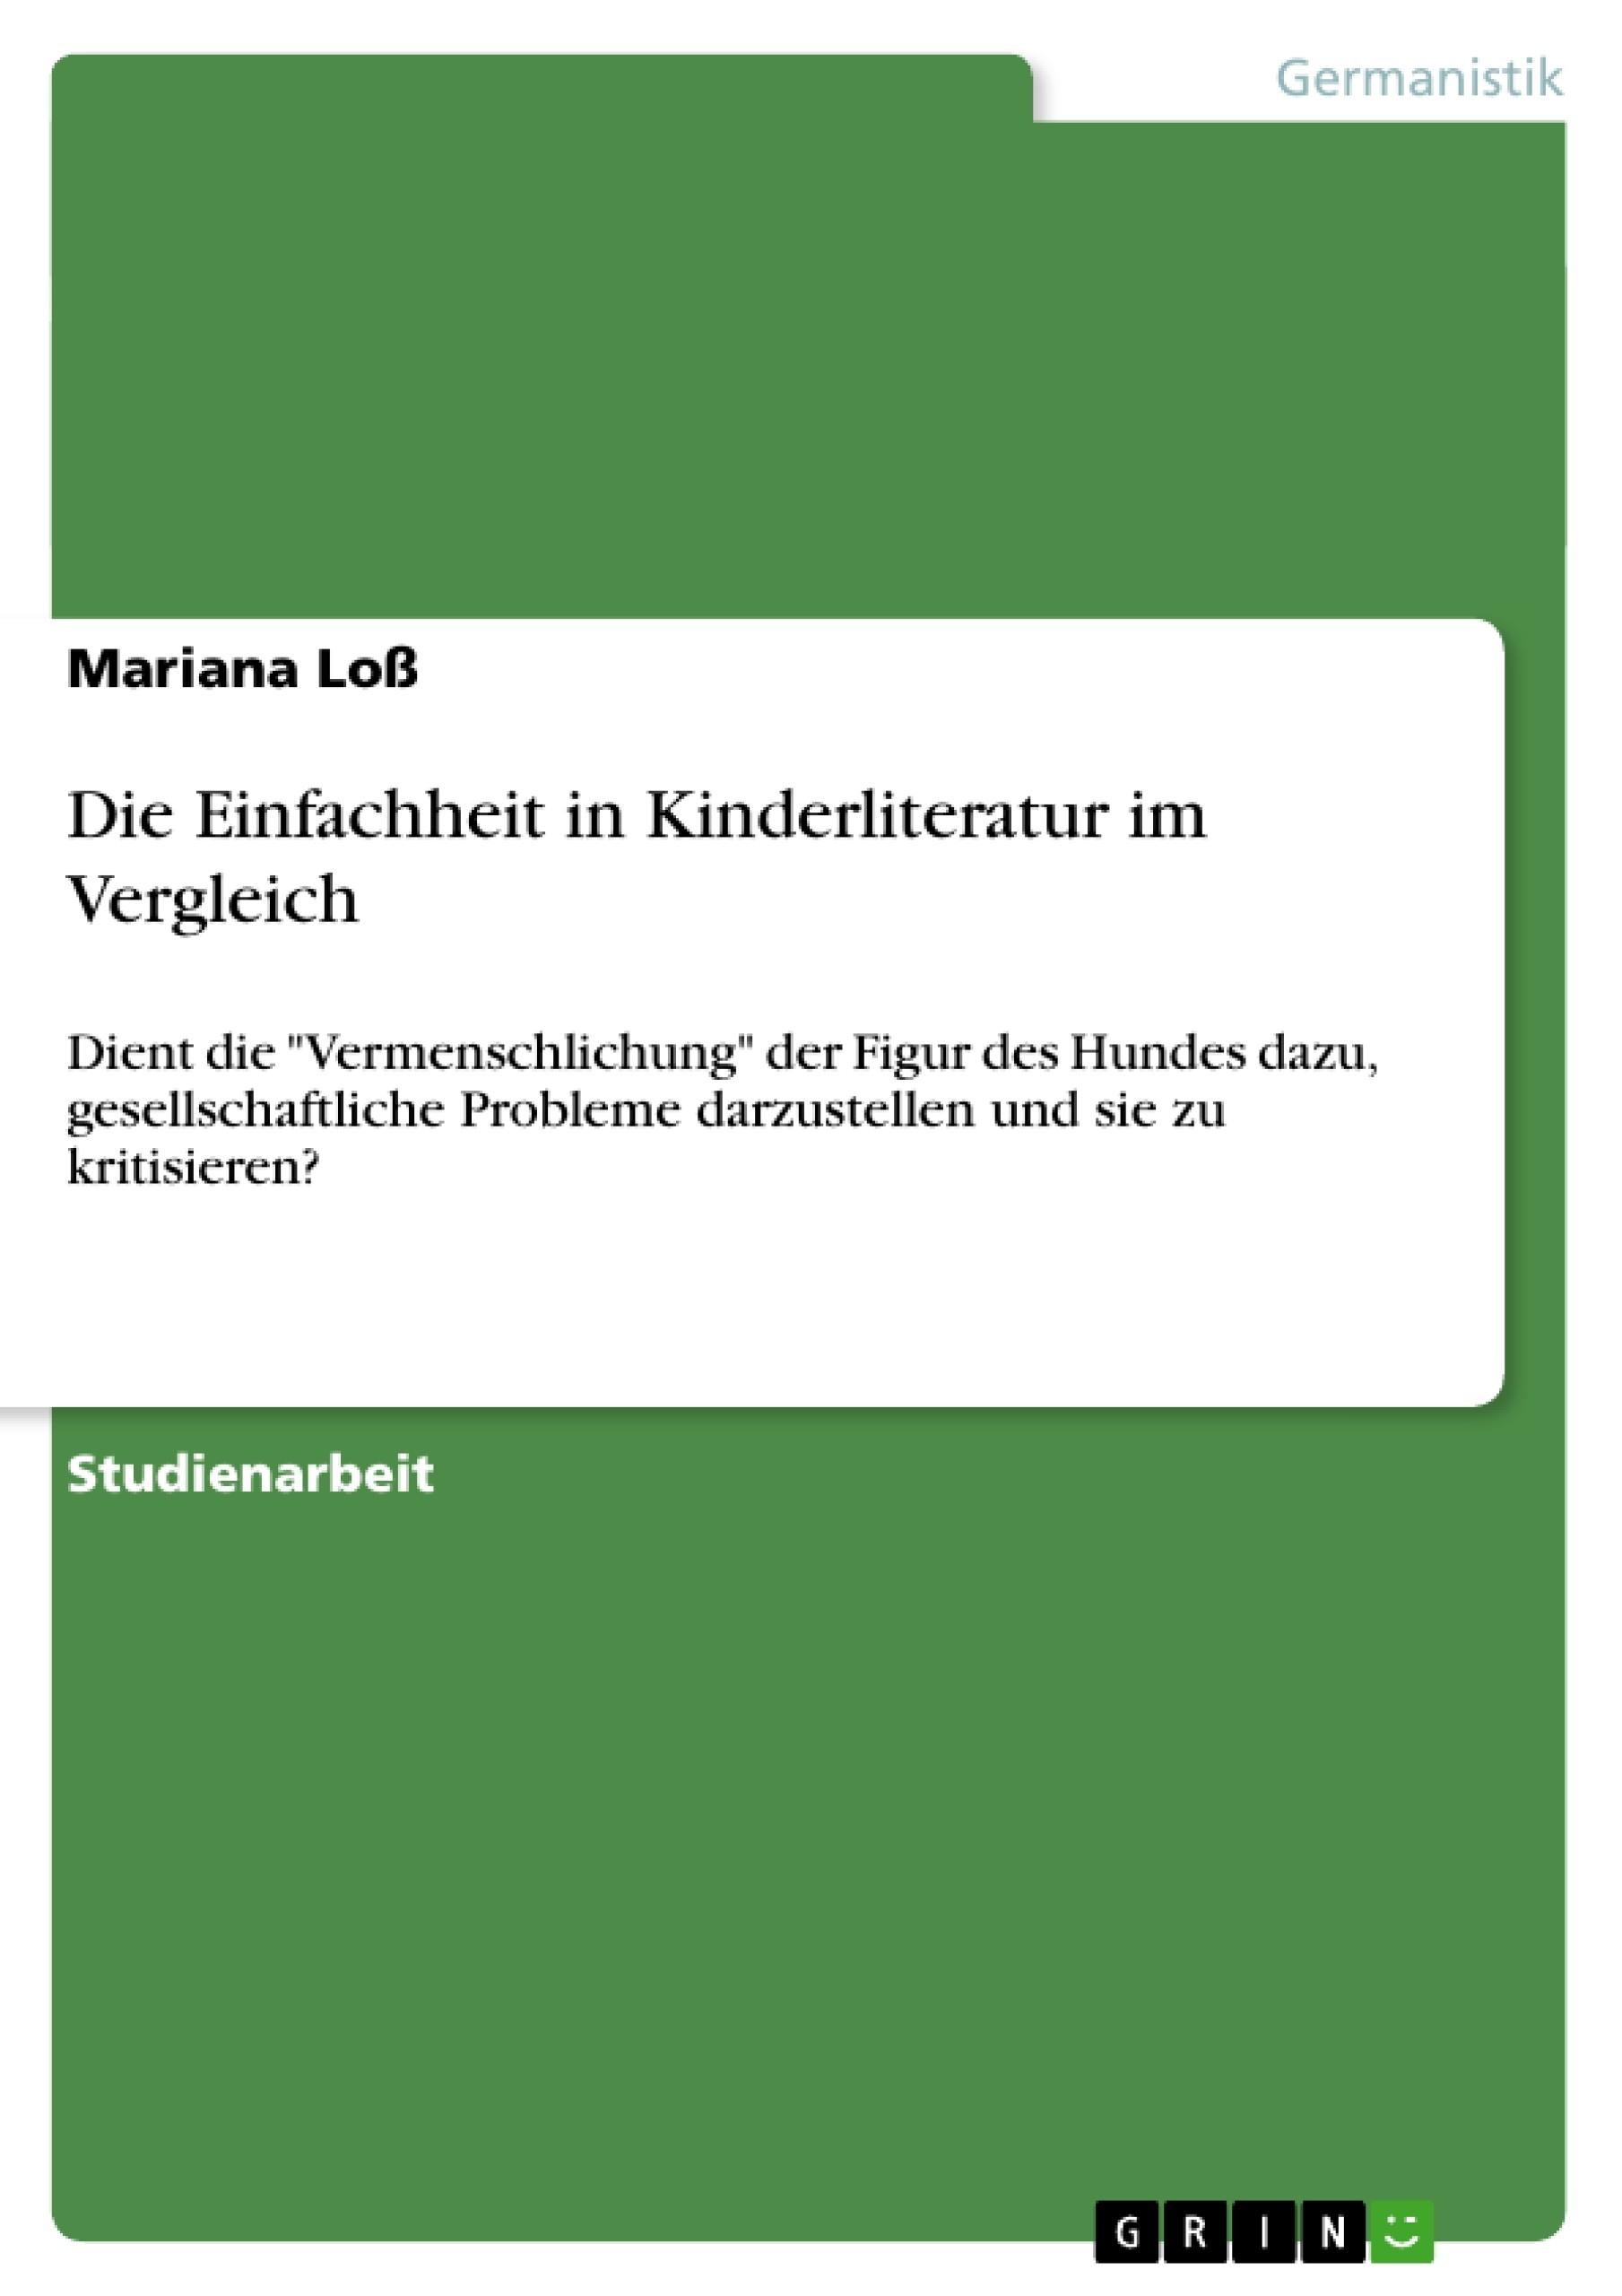 Titel: Die Einfachheit in Kinderliteratur im Vergleich